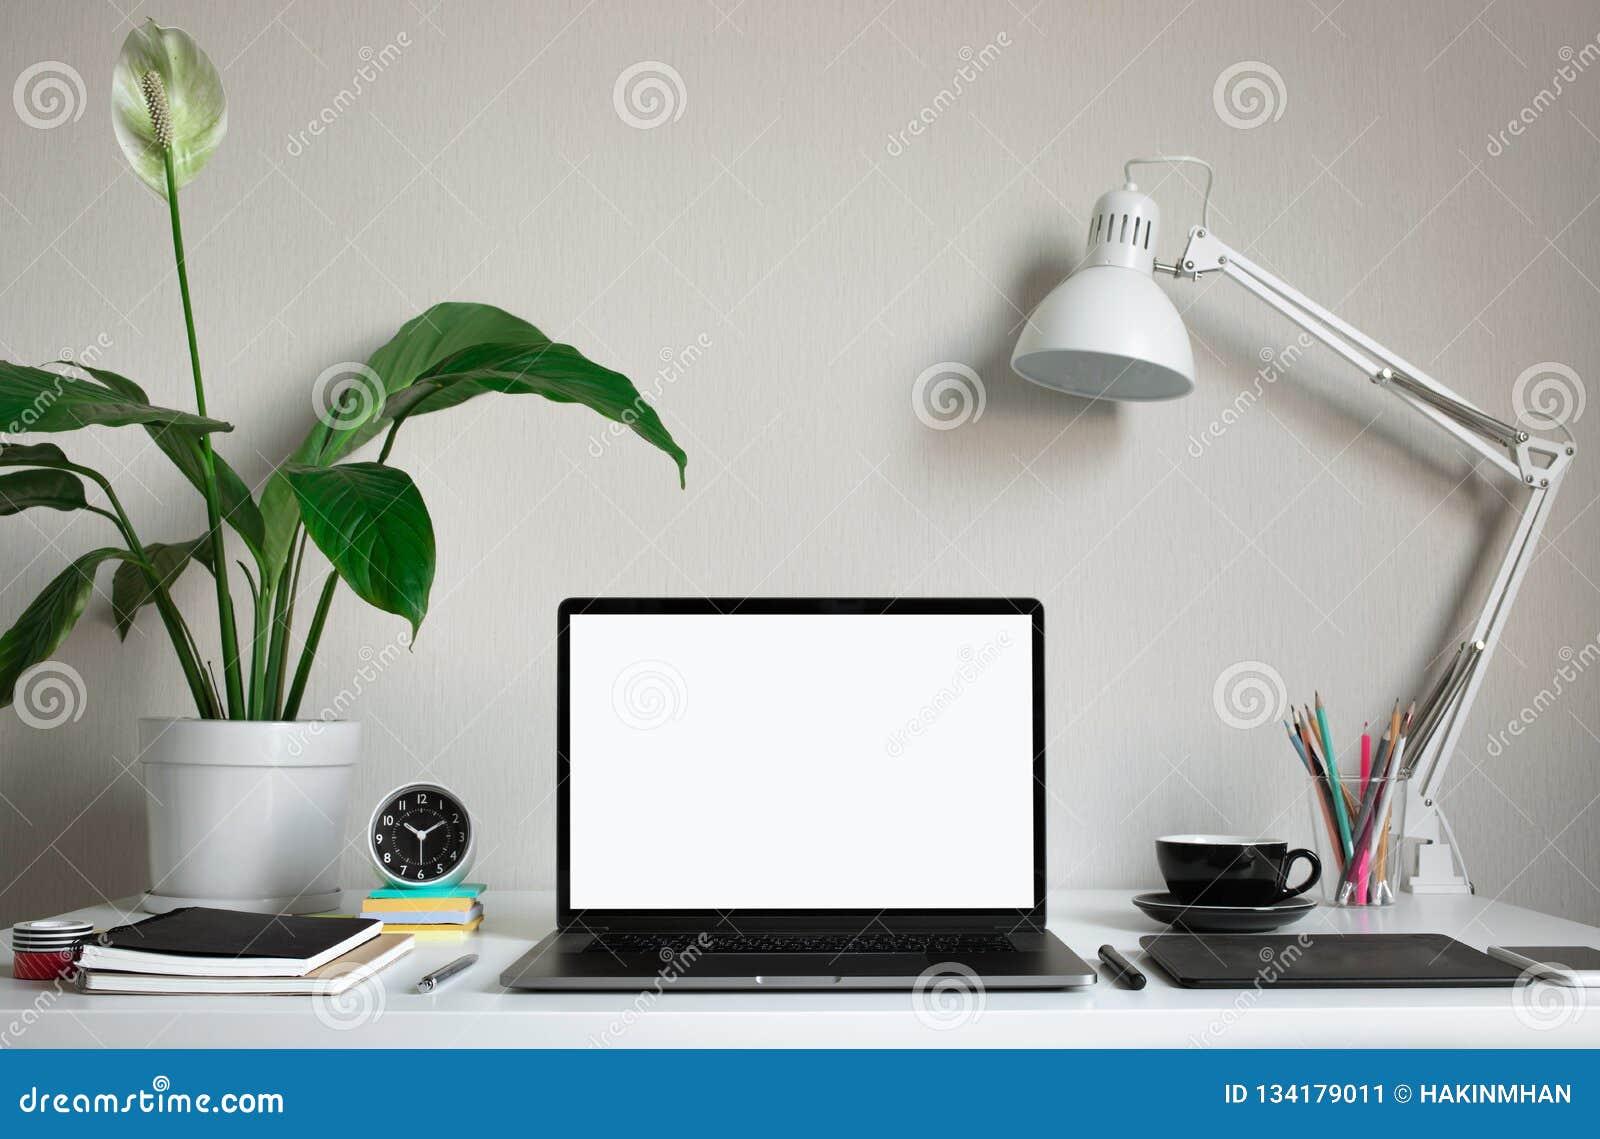 Nowożytny praca stół z pustym komputerowym laptopem i akcesoriami w ministerstwo spraw wewnętrznych studiu Freelance projektanta